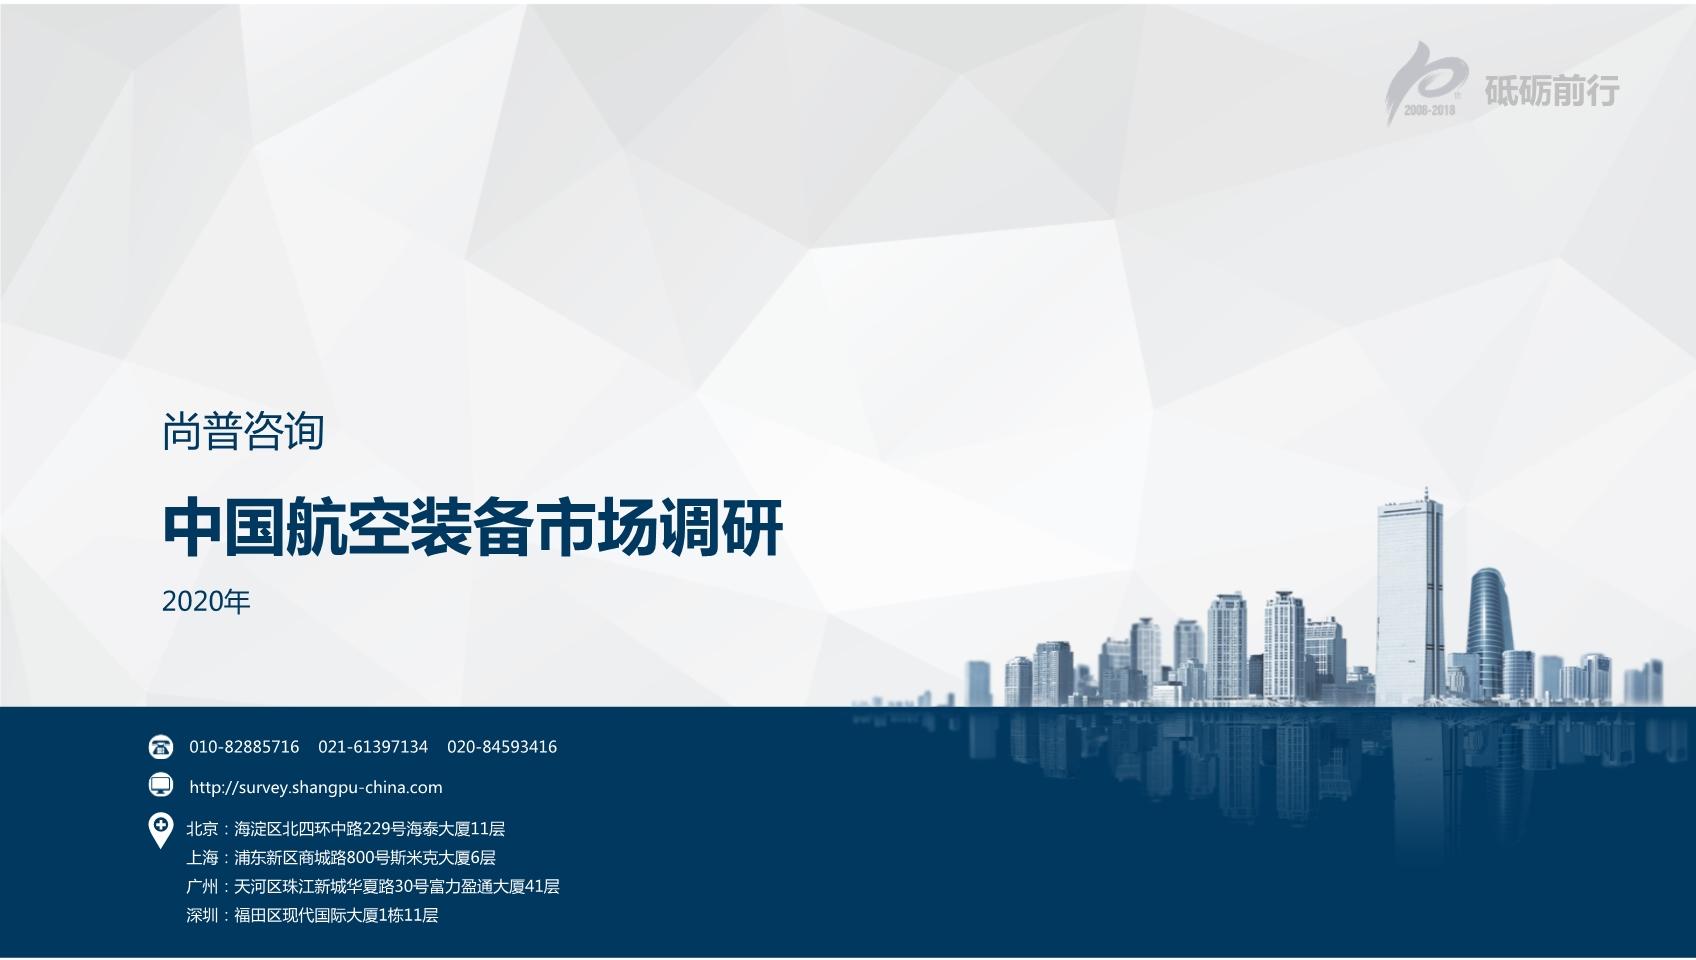 尚普咨询:2020年中国航空装备市场调研